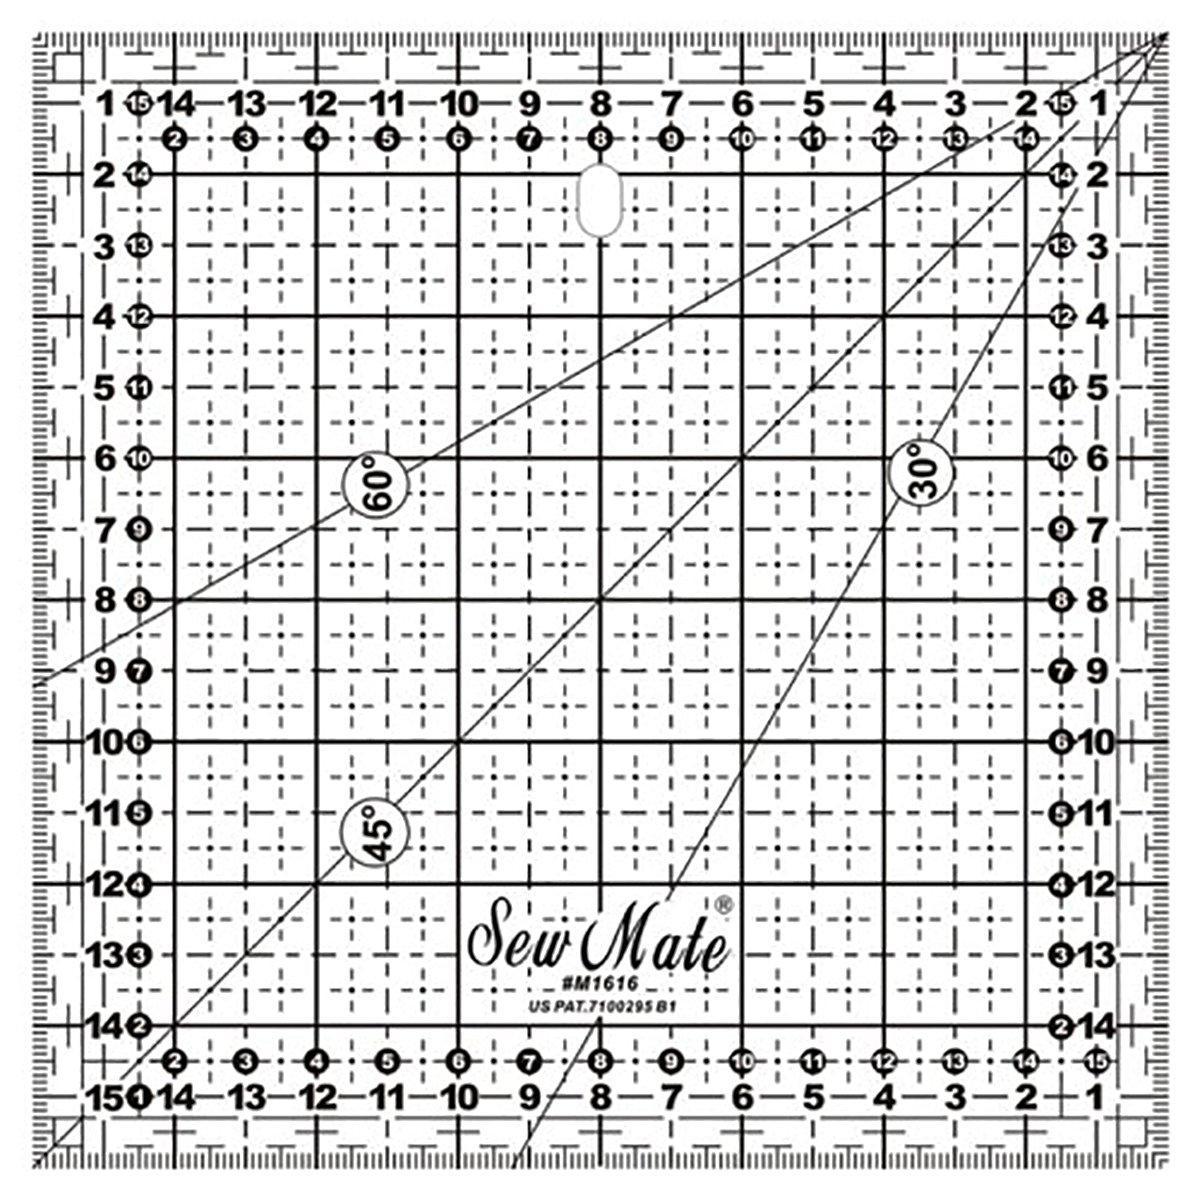 Лінійка для печворку Sew Mate M1616-BK (16 x 16 см)